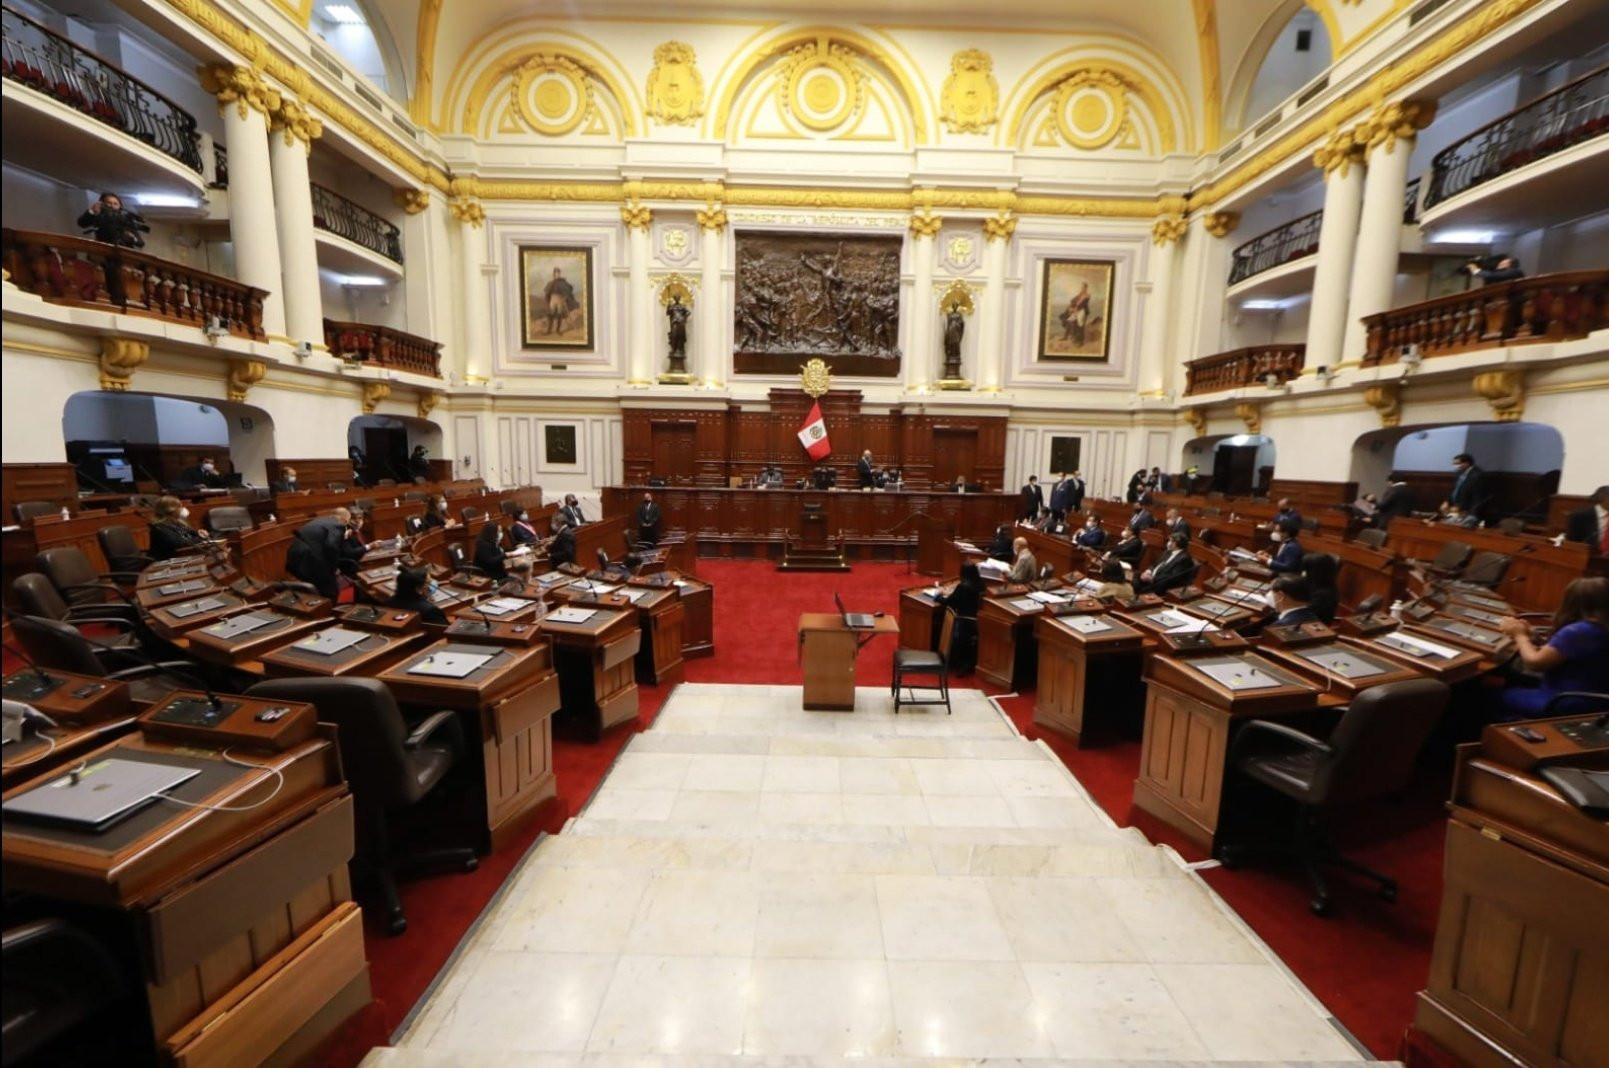 congreso-aprobo-por-insistencia-ley-que-elimina-regimen-cas